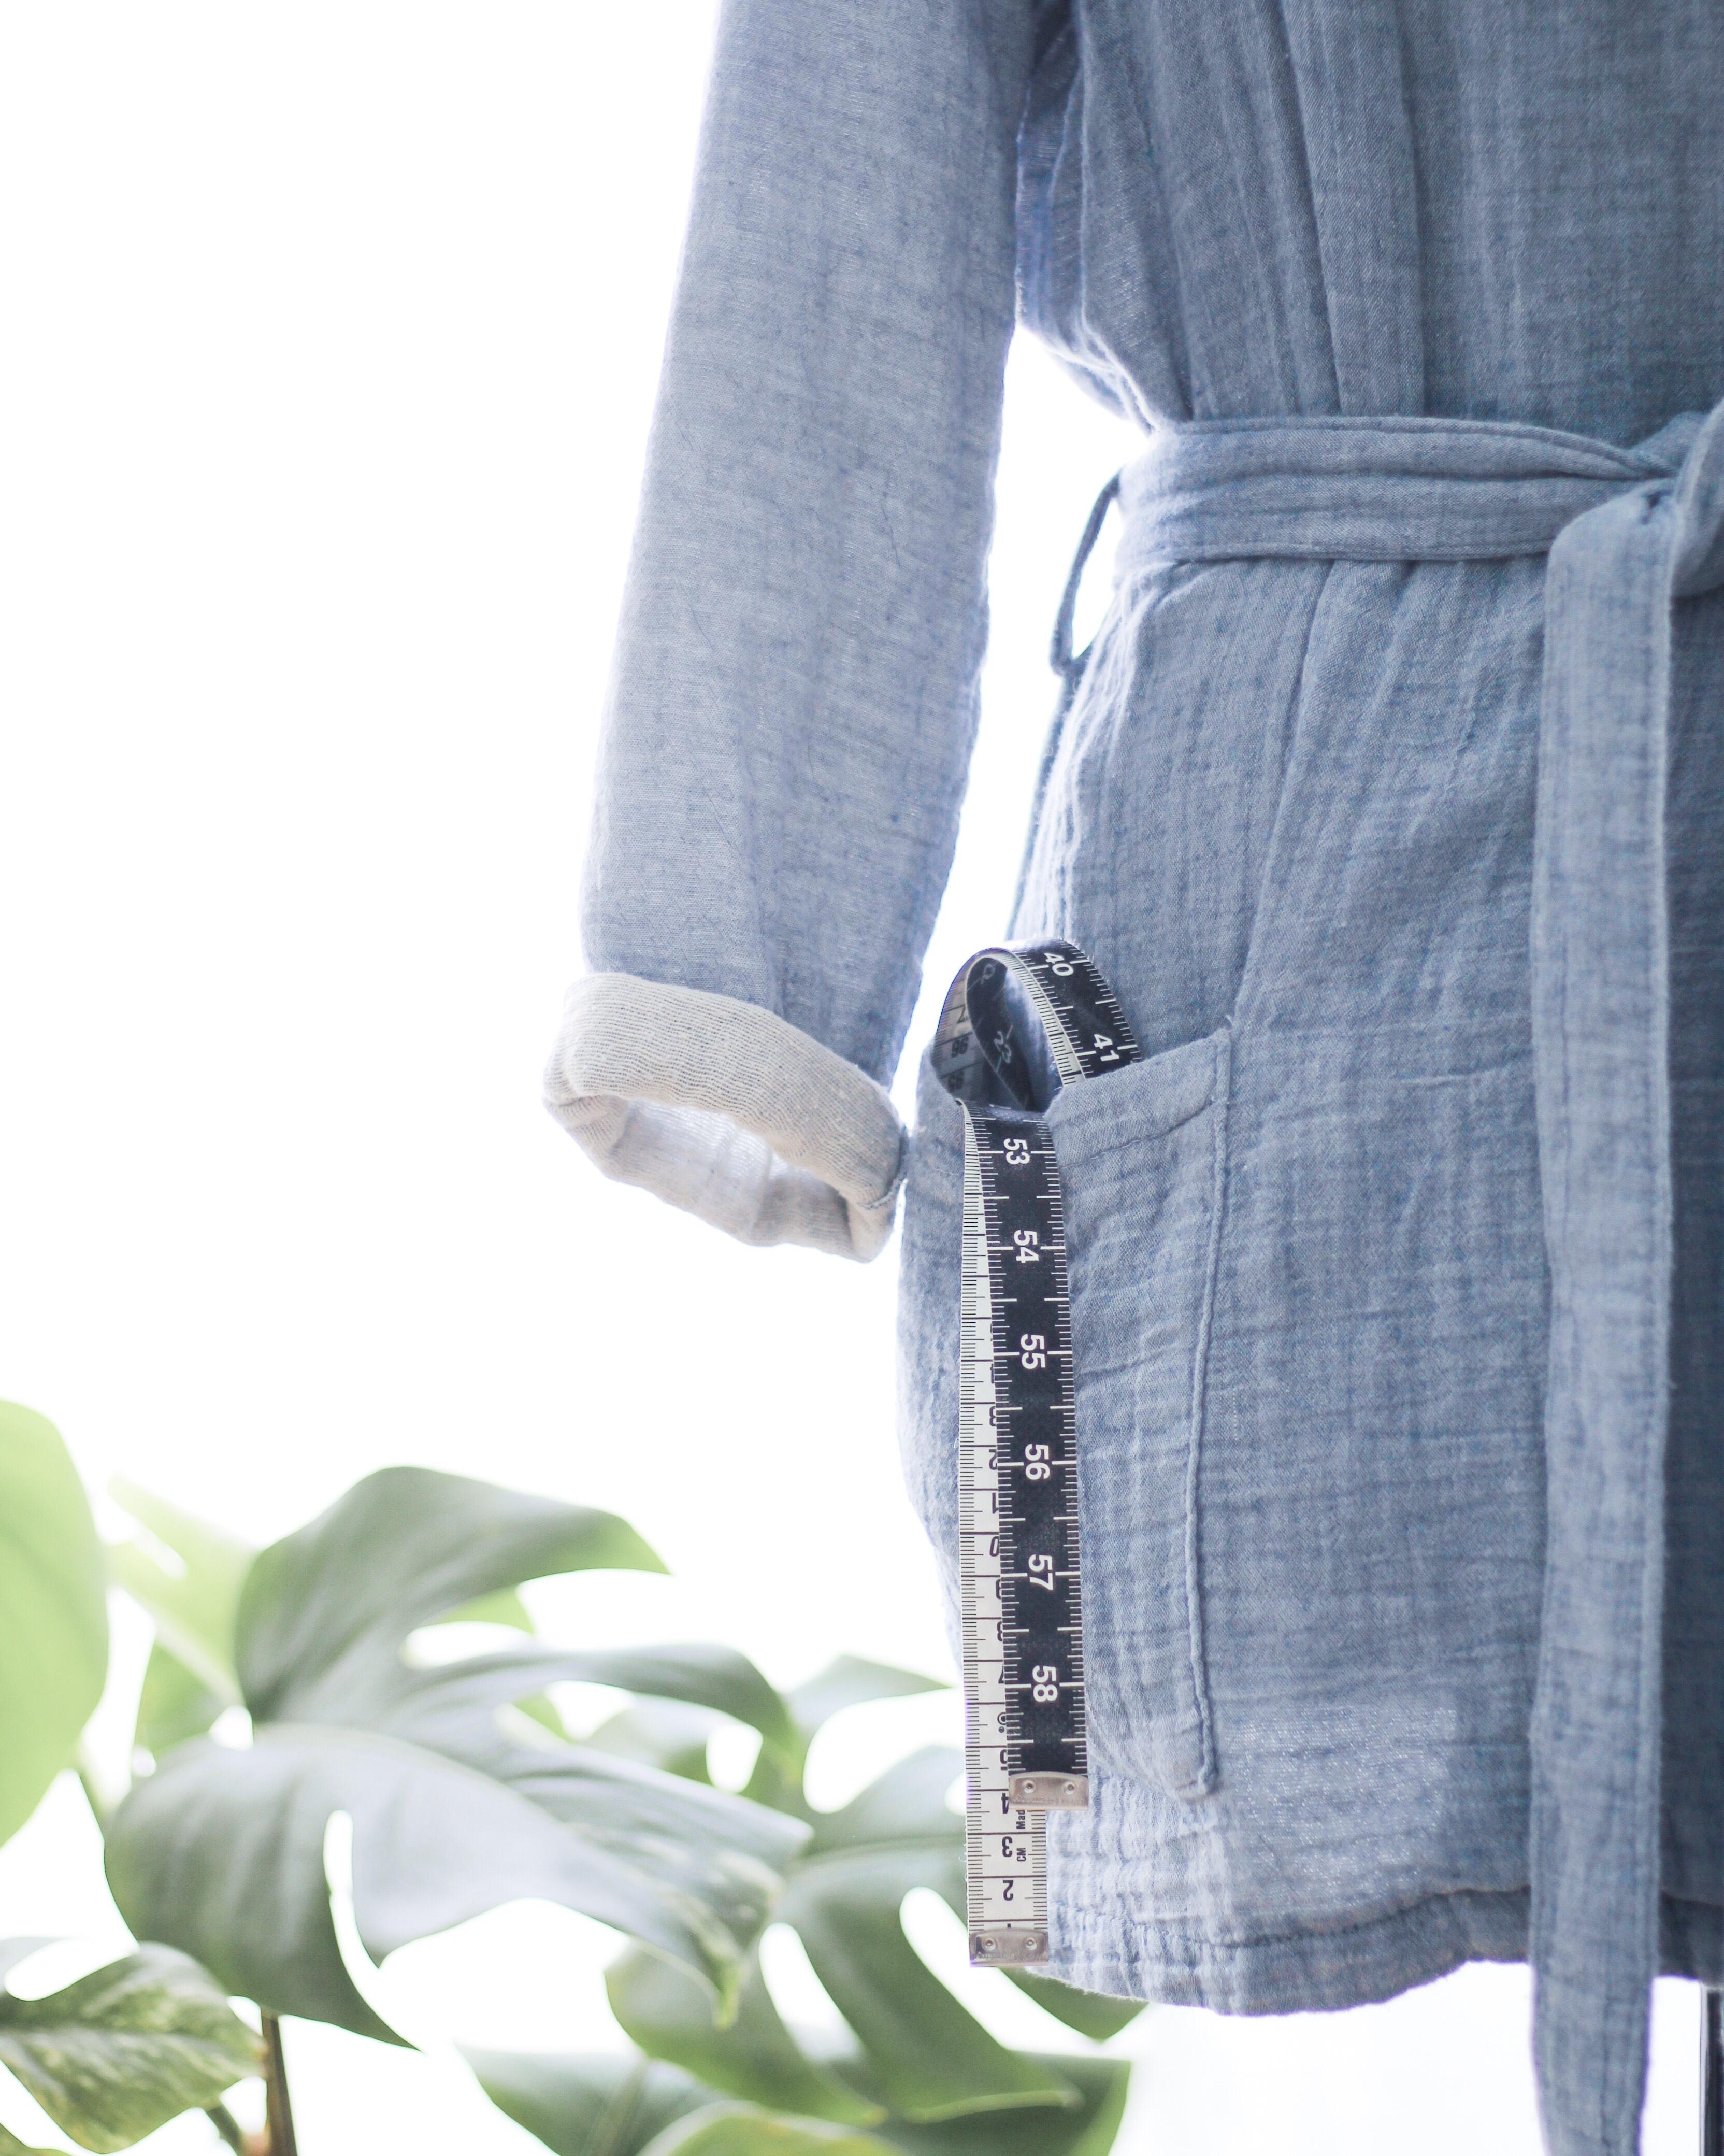 Tipps für's Nähen wenn sich Maße oft verändern